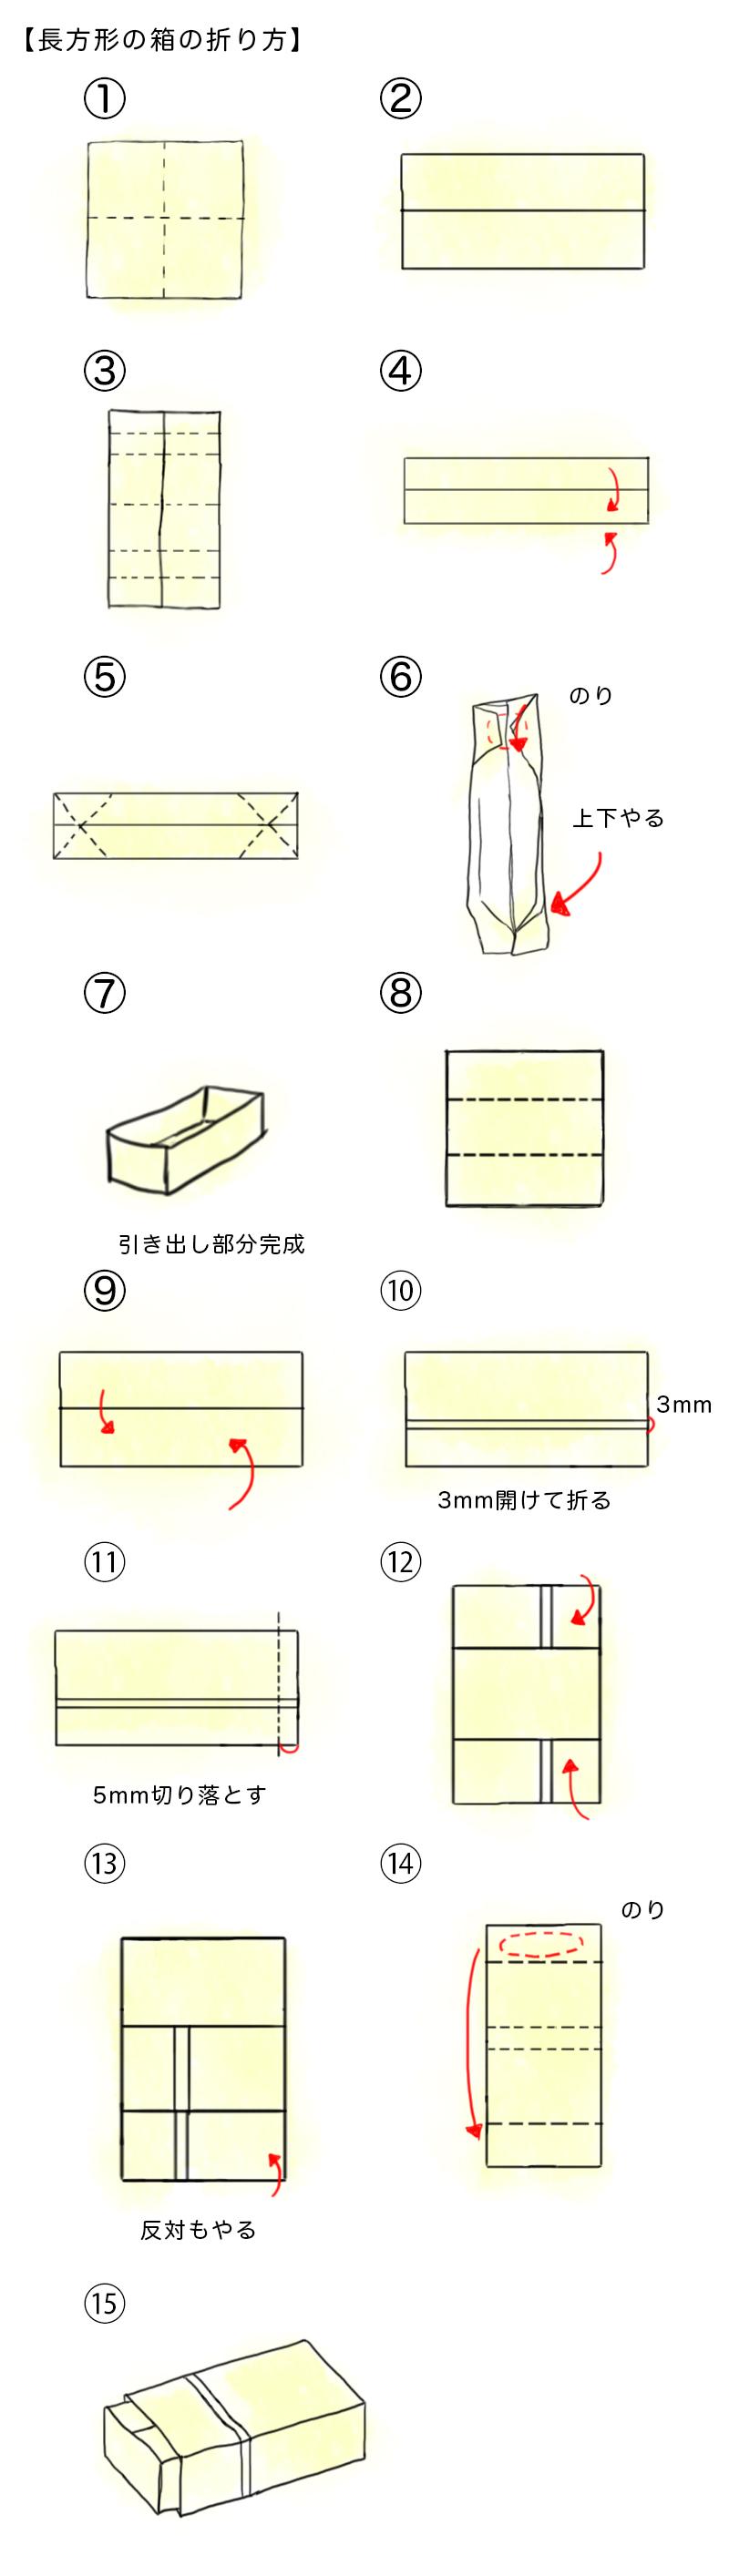 便利な引き出し付き!長方形の箱